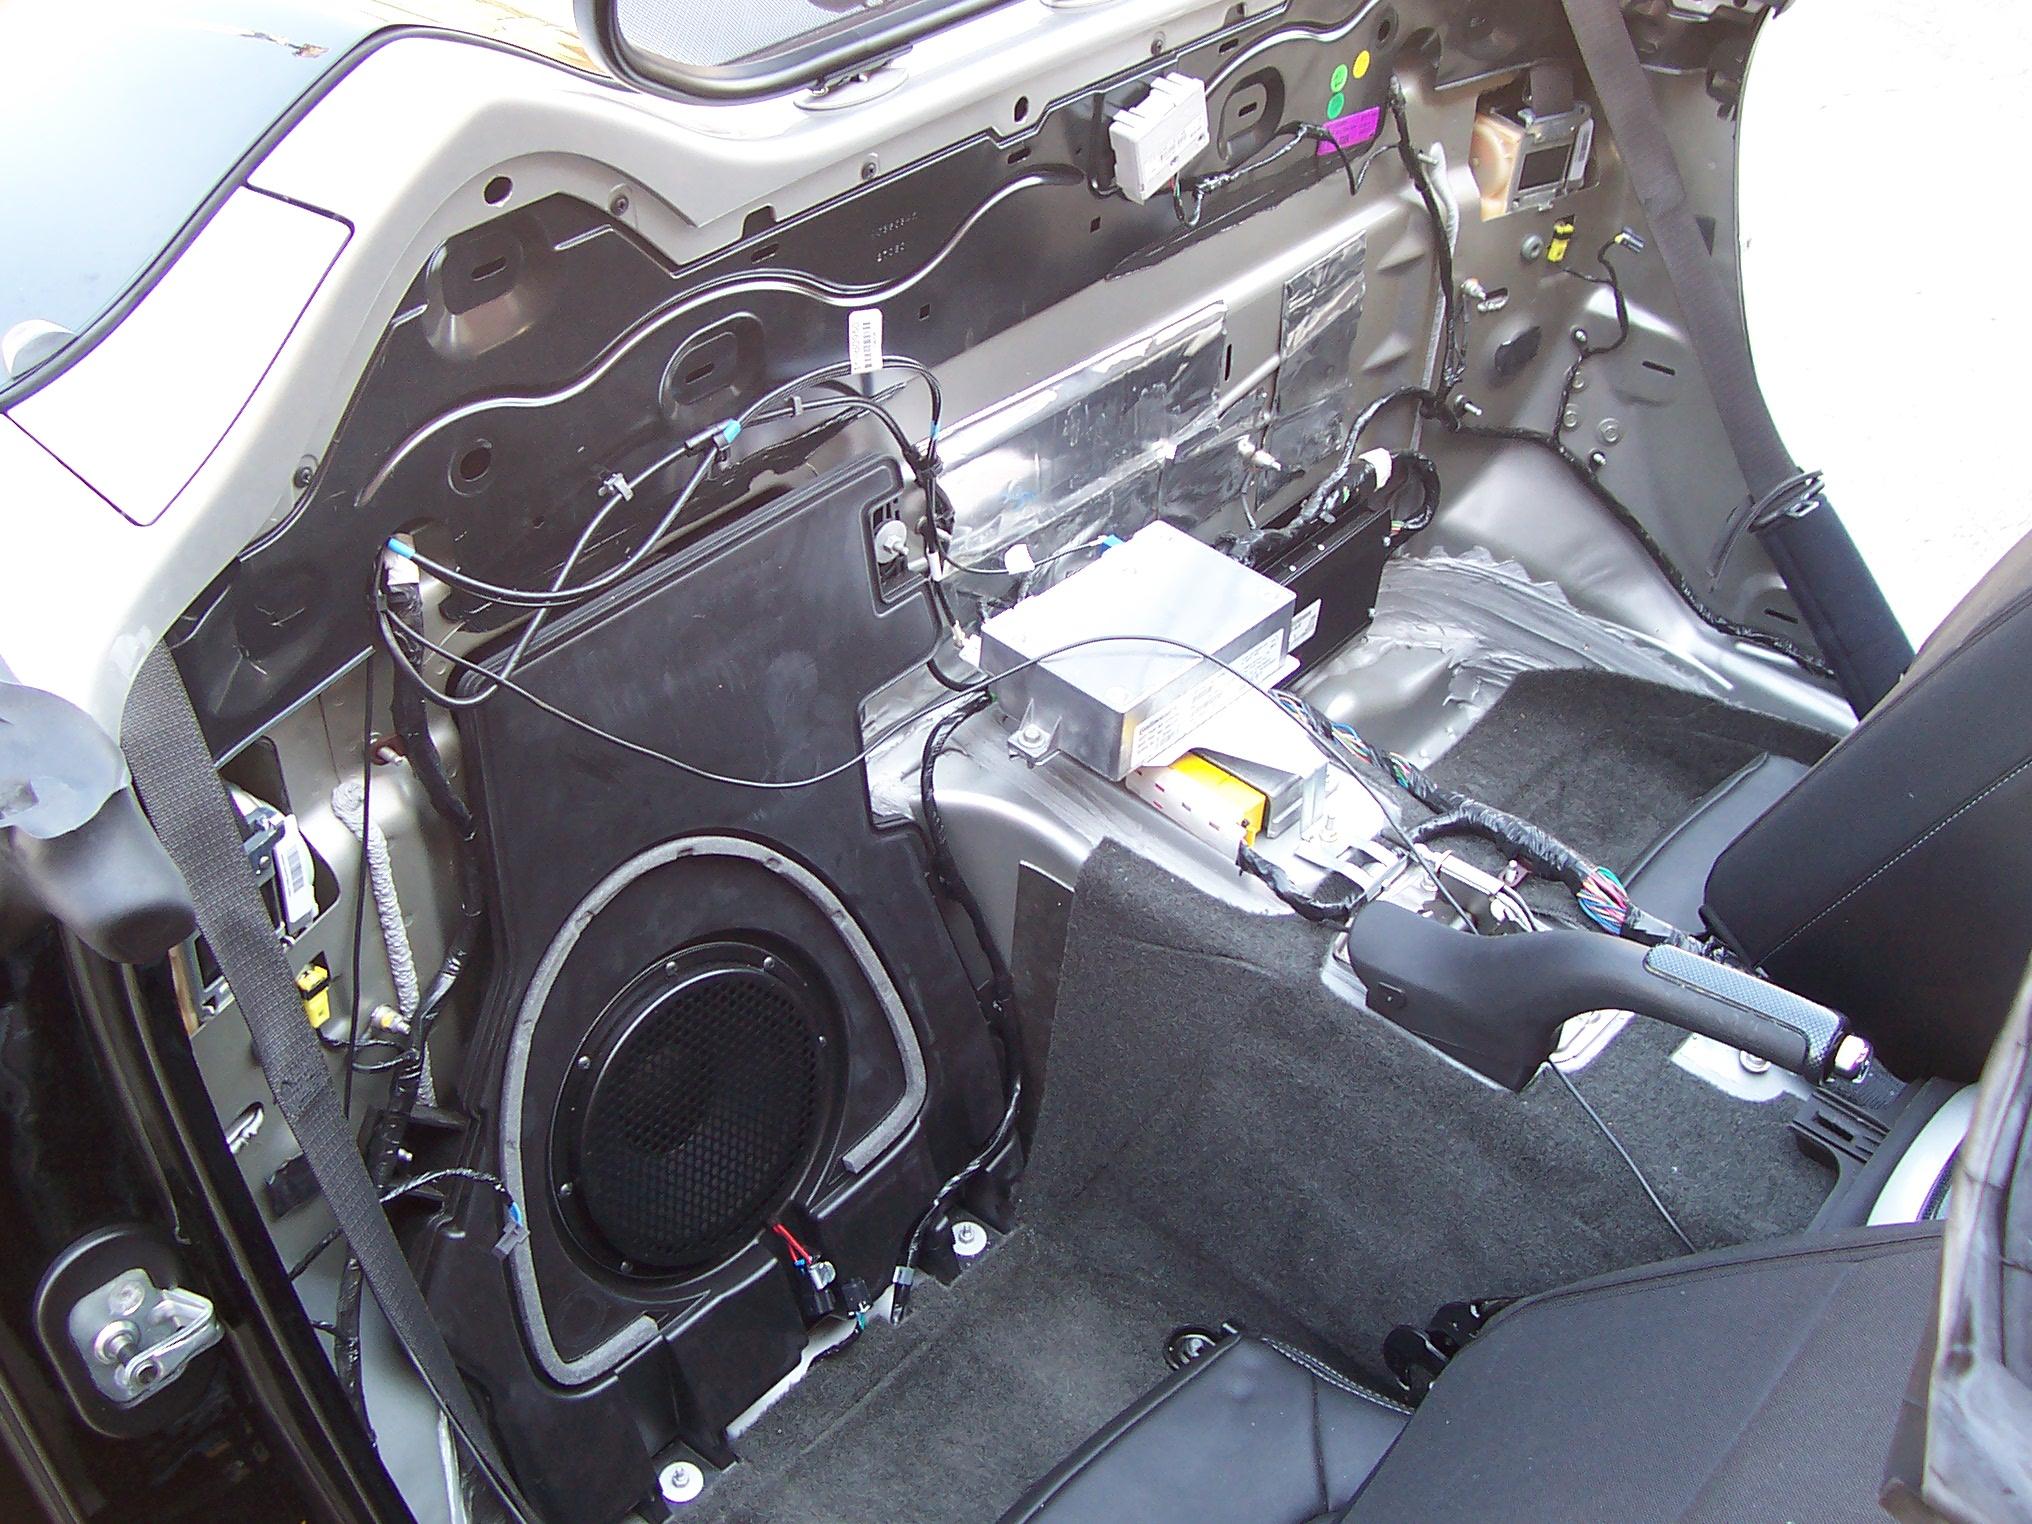 Pics of Speaker/Amp Install-100_3611.jpg